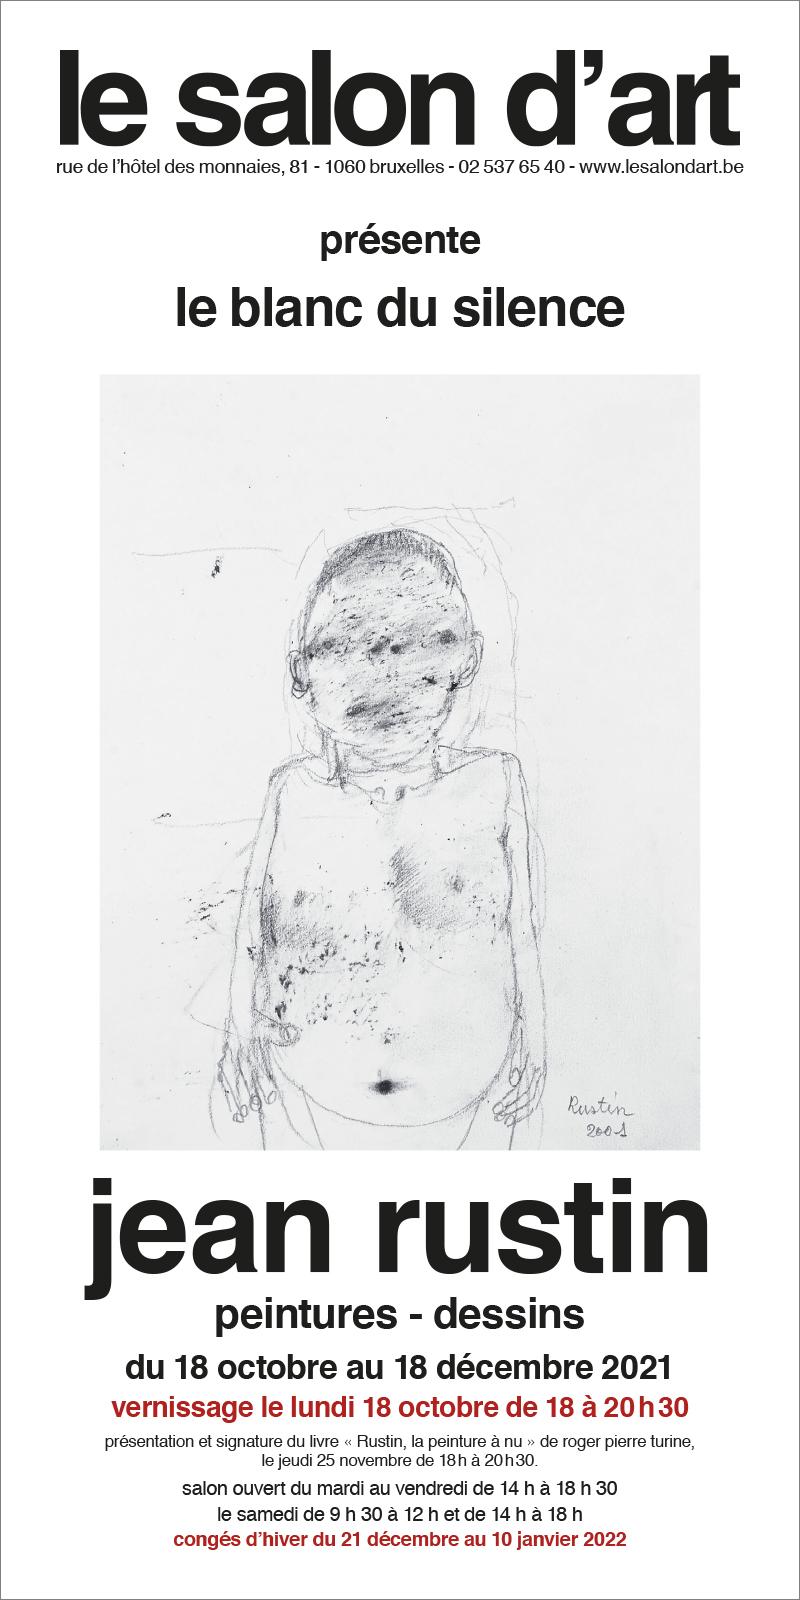 jean rustin, le blanc du silence, peintures – dessins, exposition du 18 octobre au 18 décembre 2021 au salon d'art